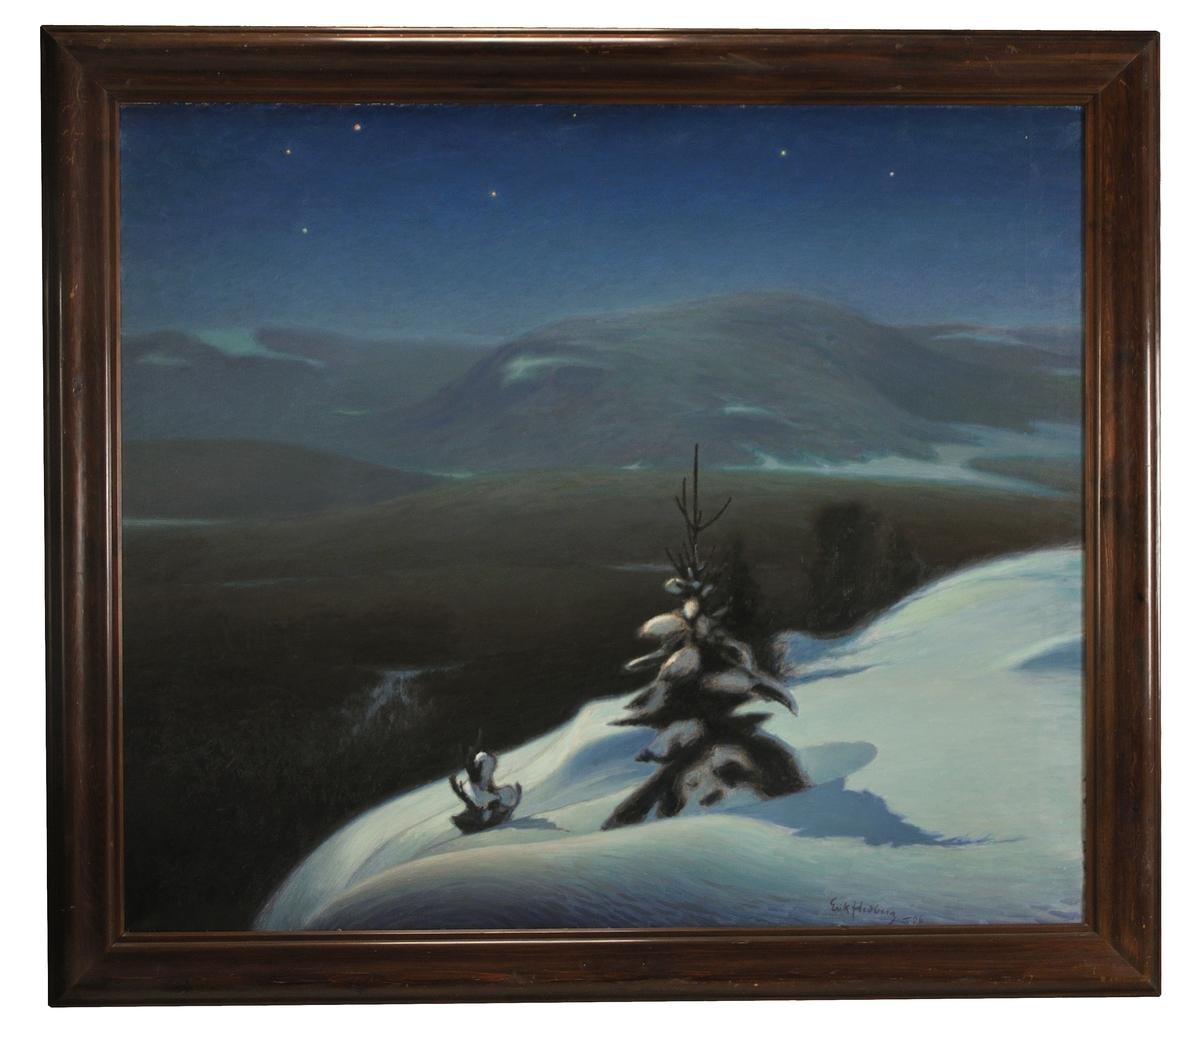 Oljemålning på duk, brun ram, av Ecke Hedberg.